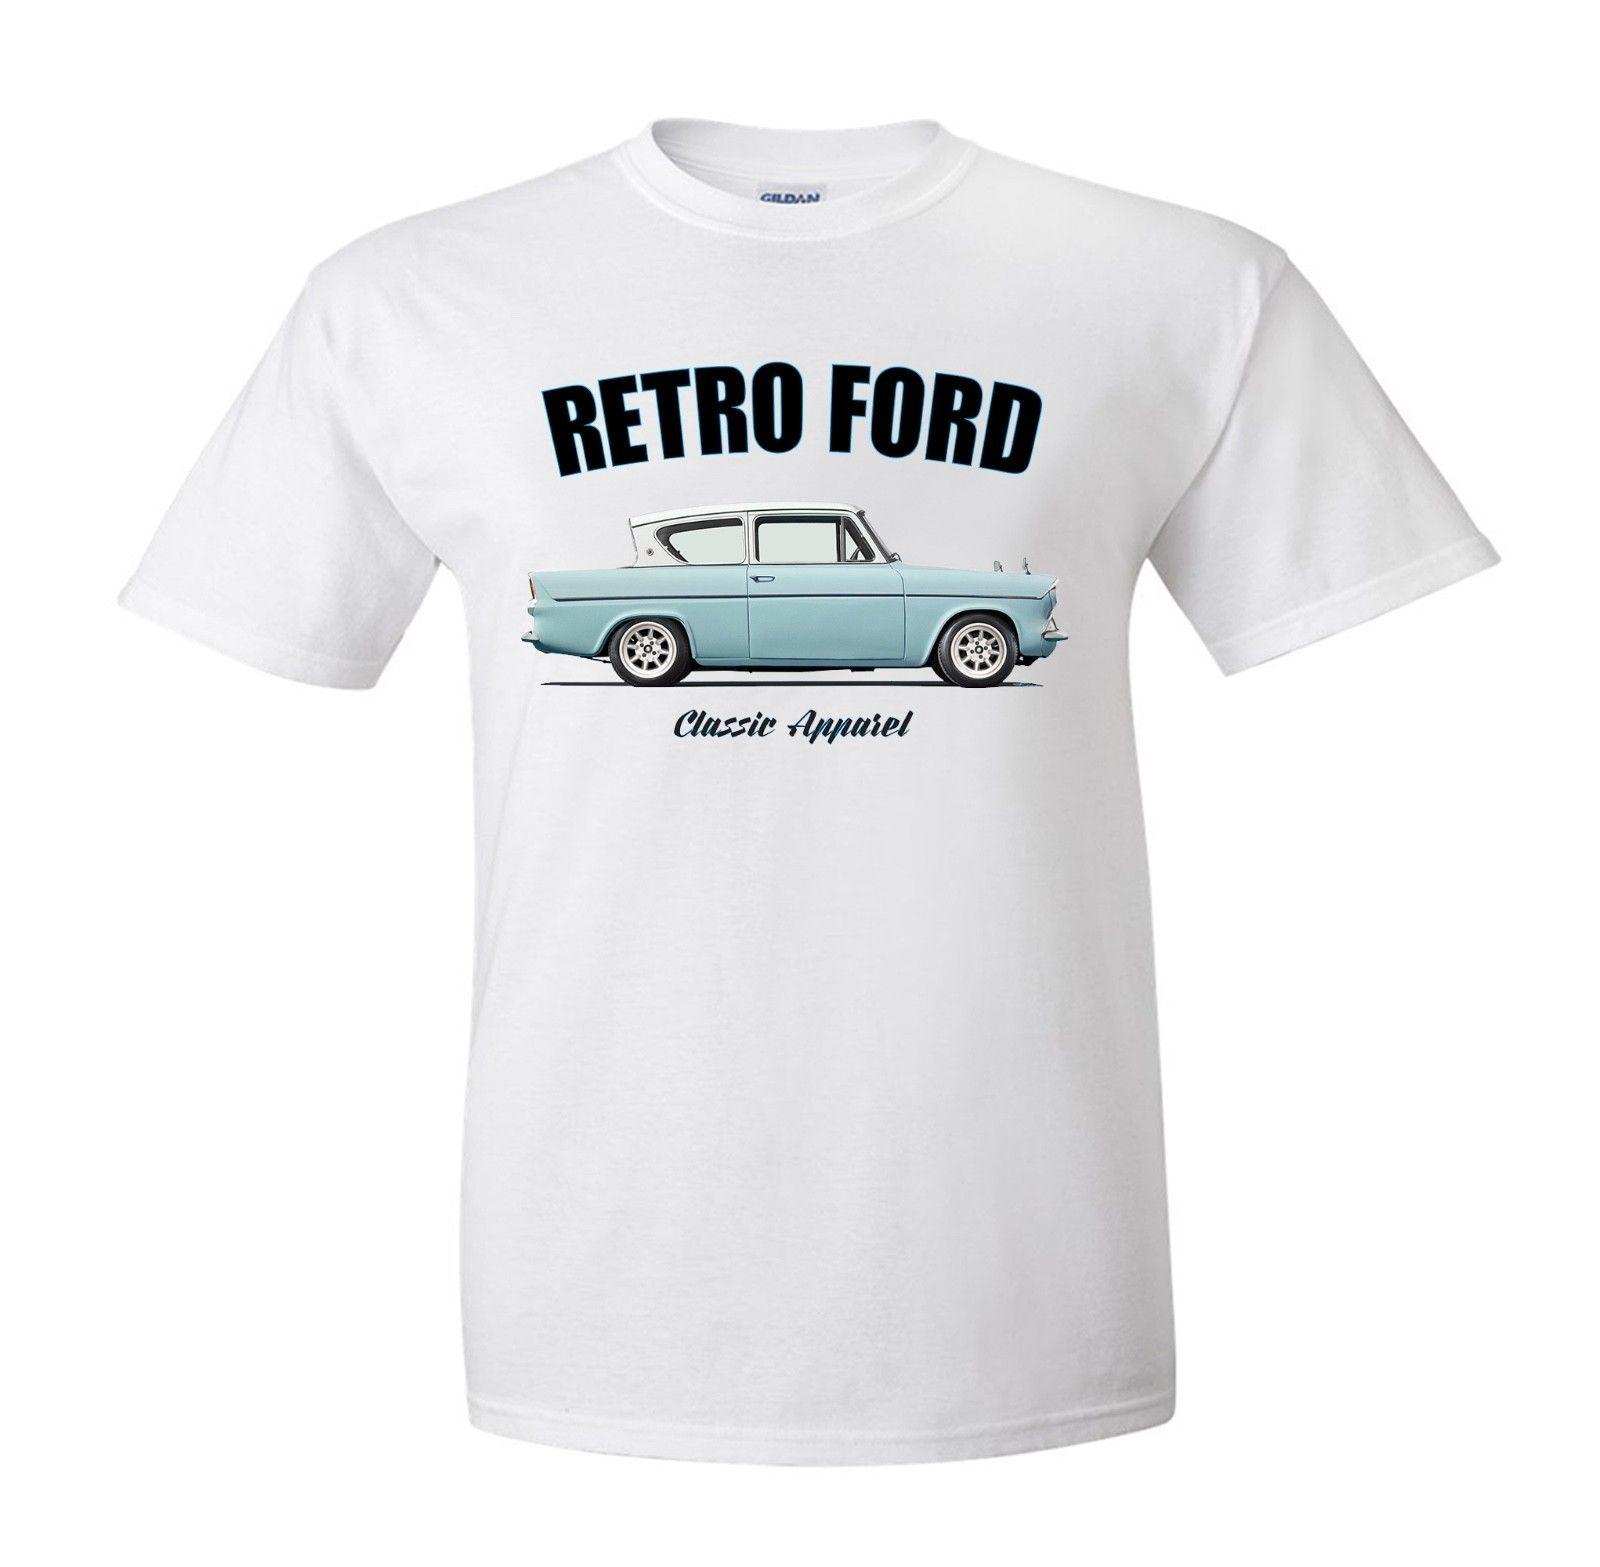 Moda marca fitness magro ajuste clássico americano carro fãs anglia camiseta. Carro clássico retro. Modificado. Camisas rockabilly. photo t